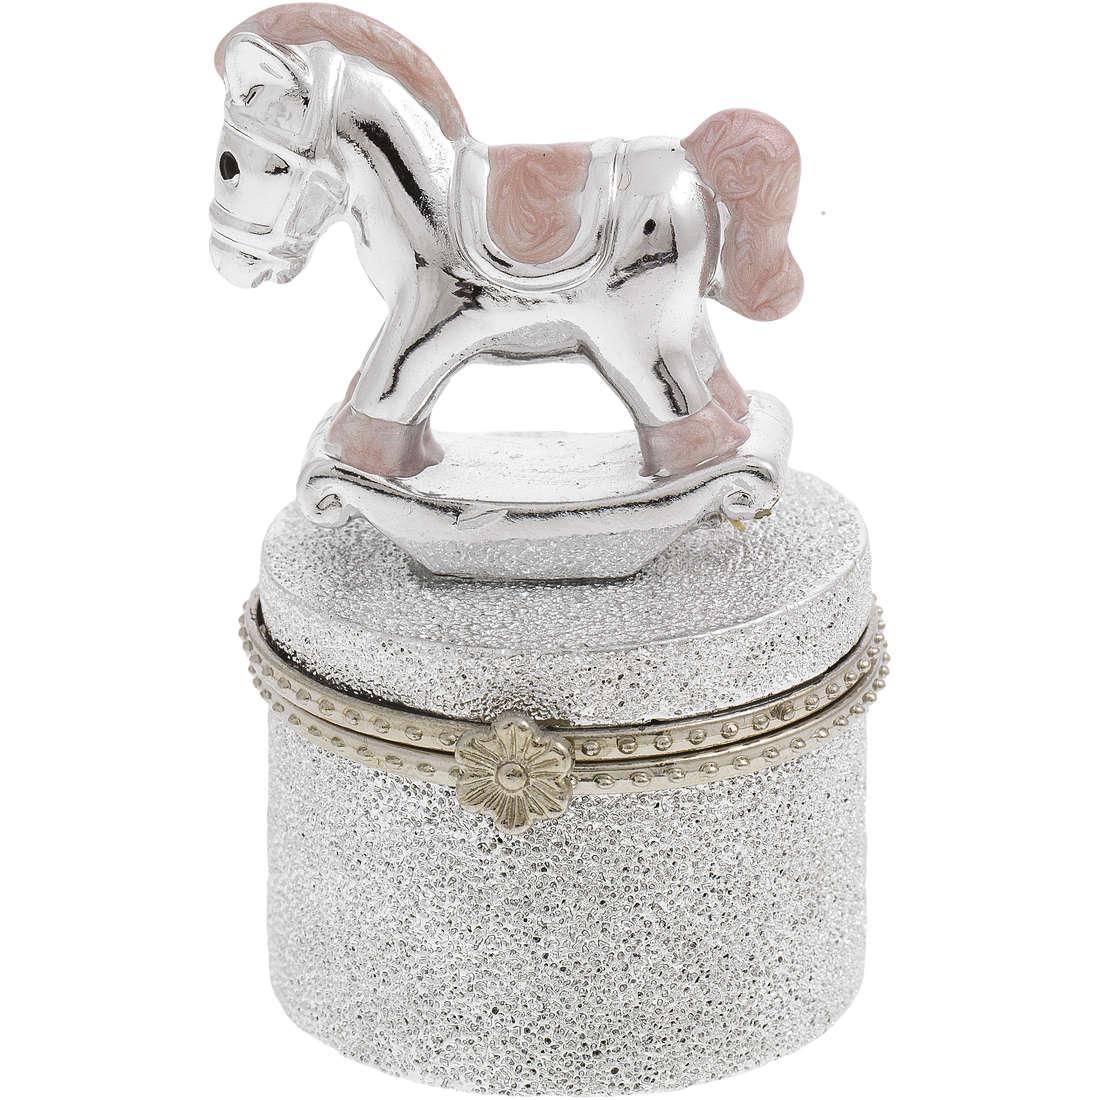 accessori neonato Bagutta Baguttino B 4173-05 R